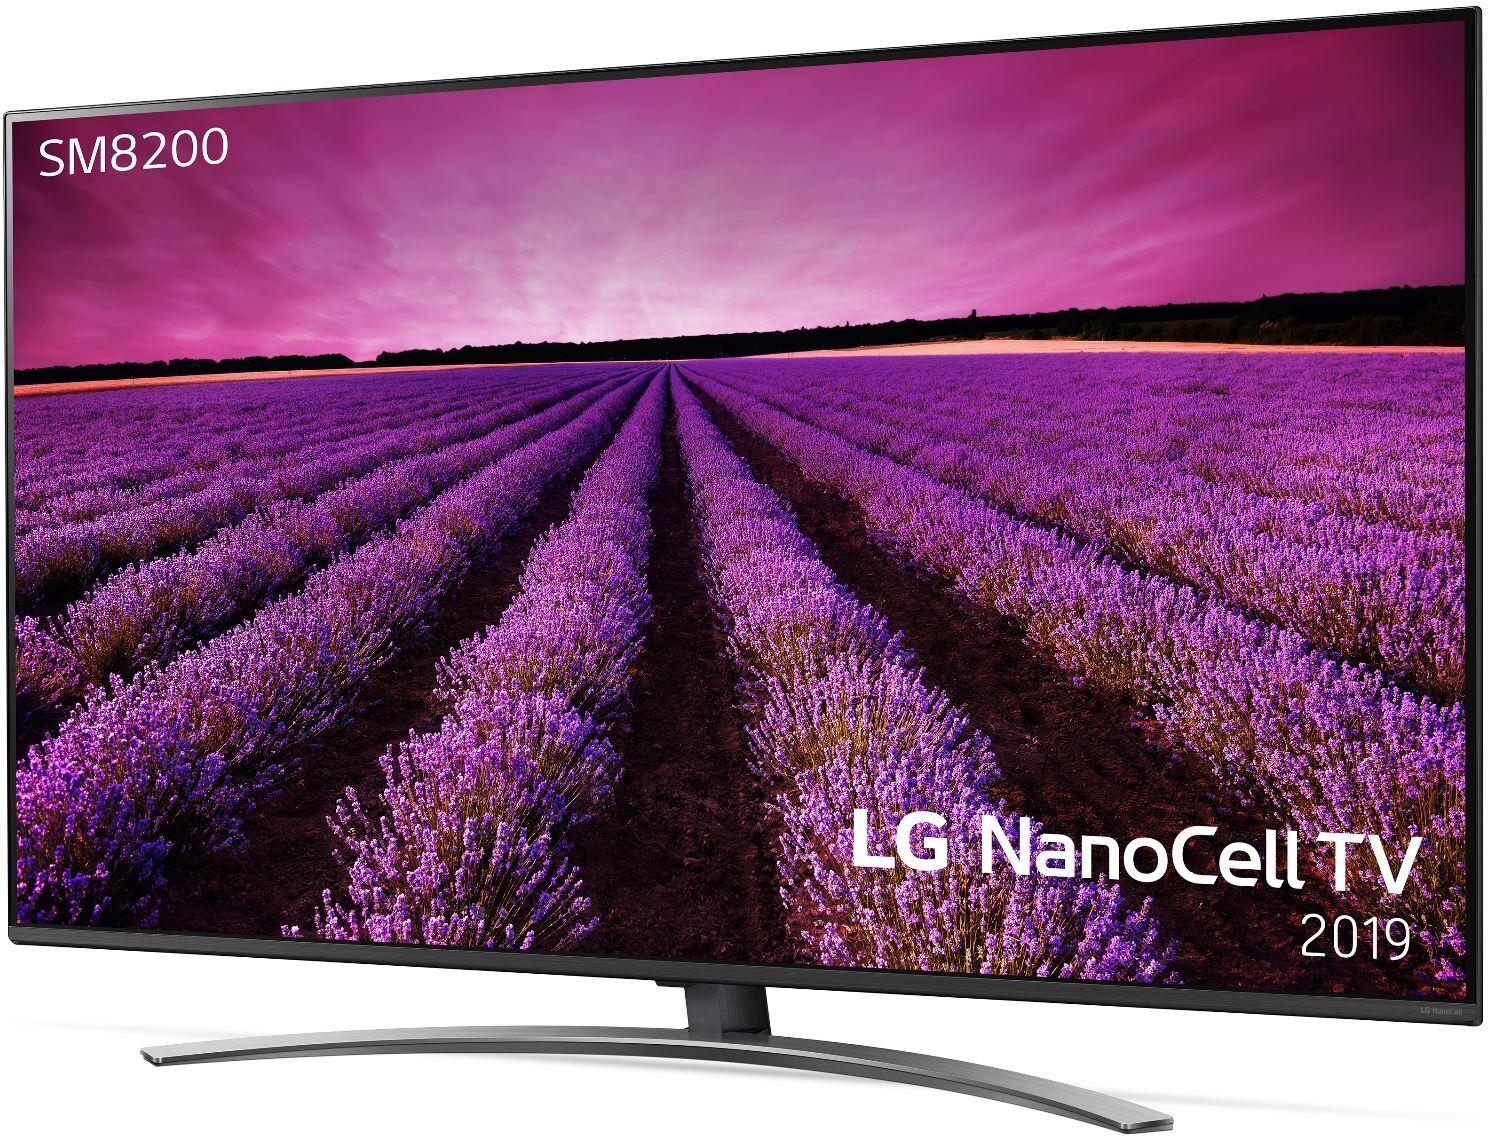 Lg Smart Tv Päivitys